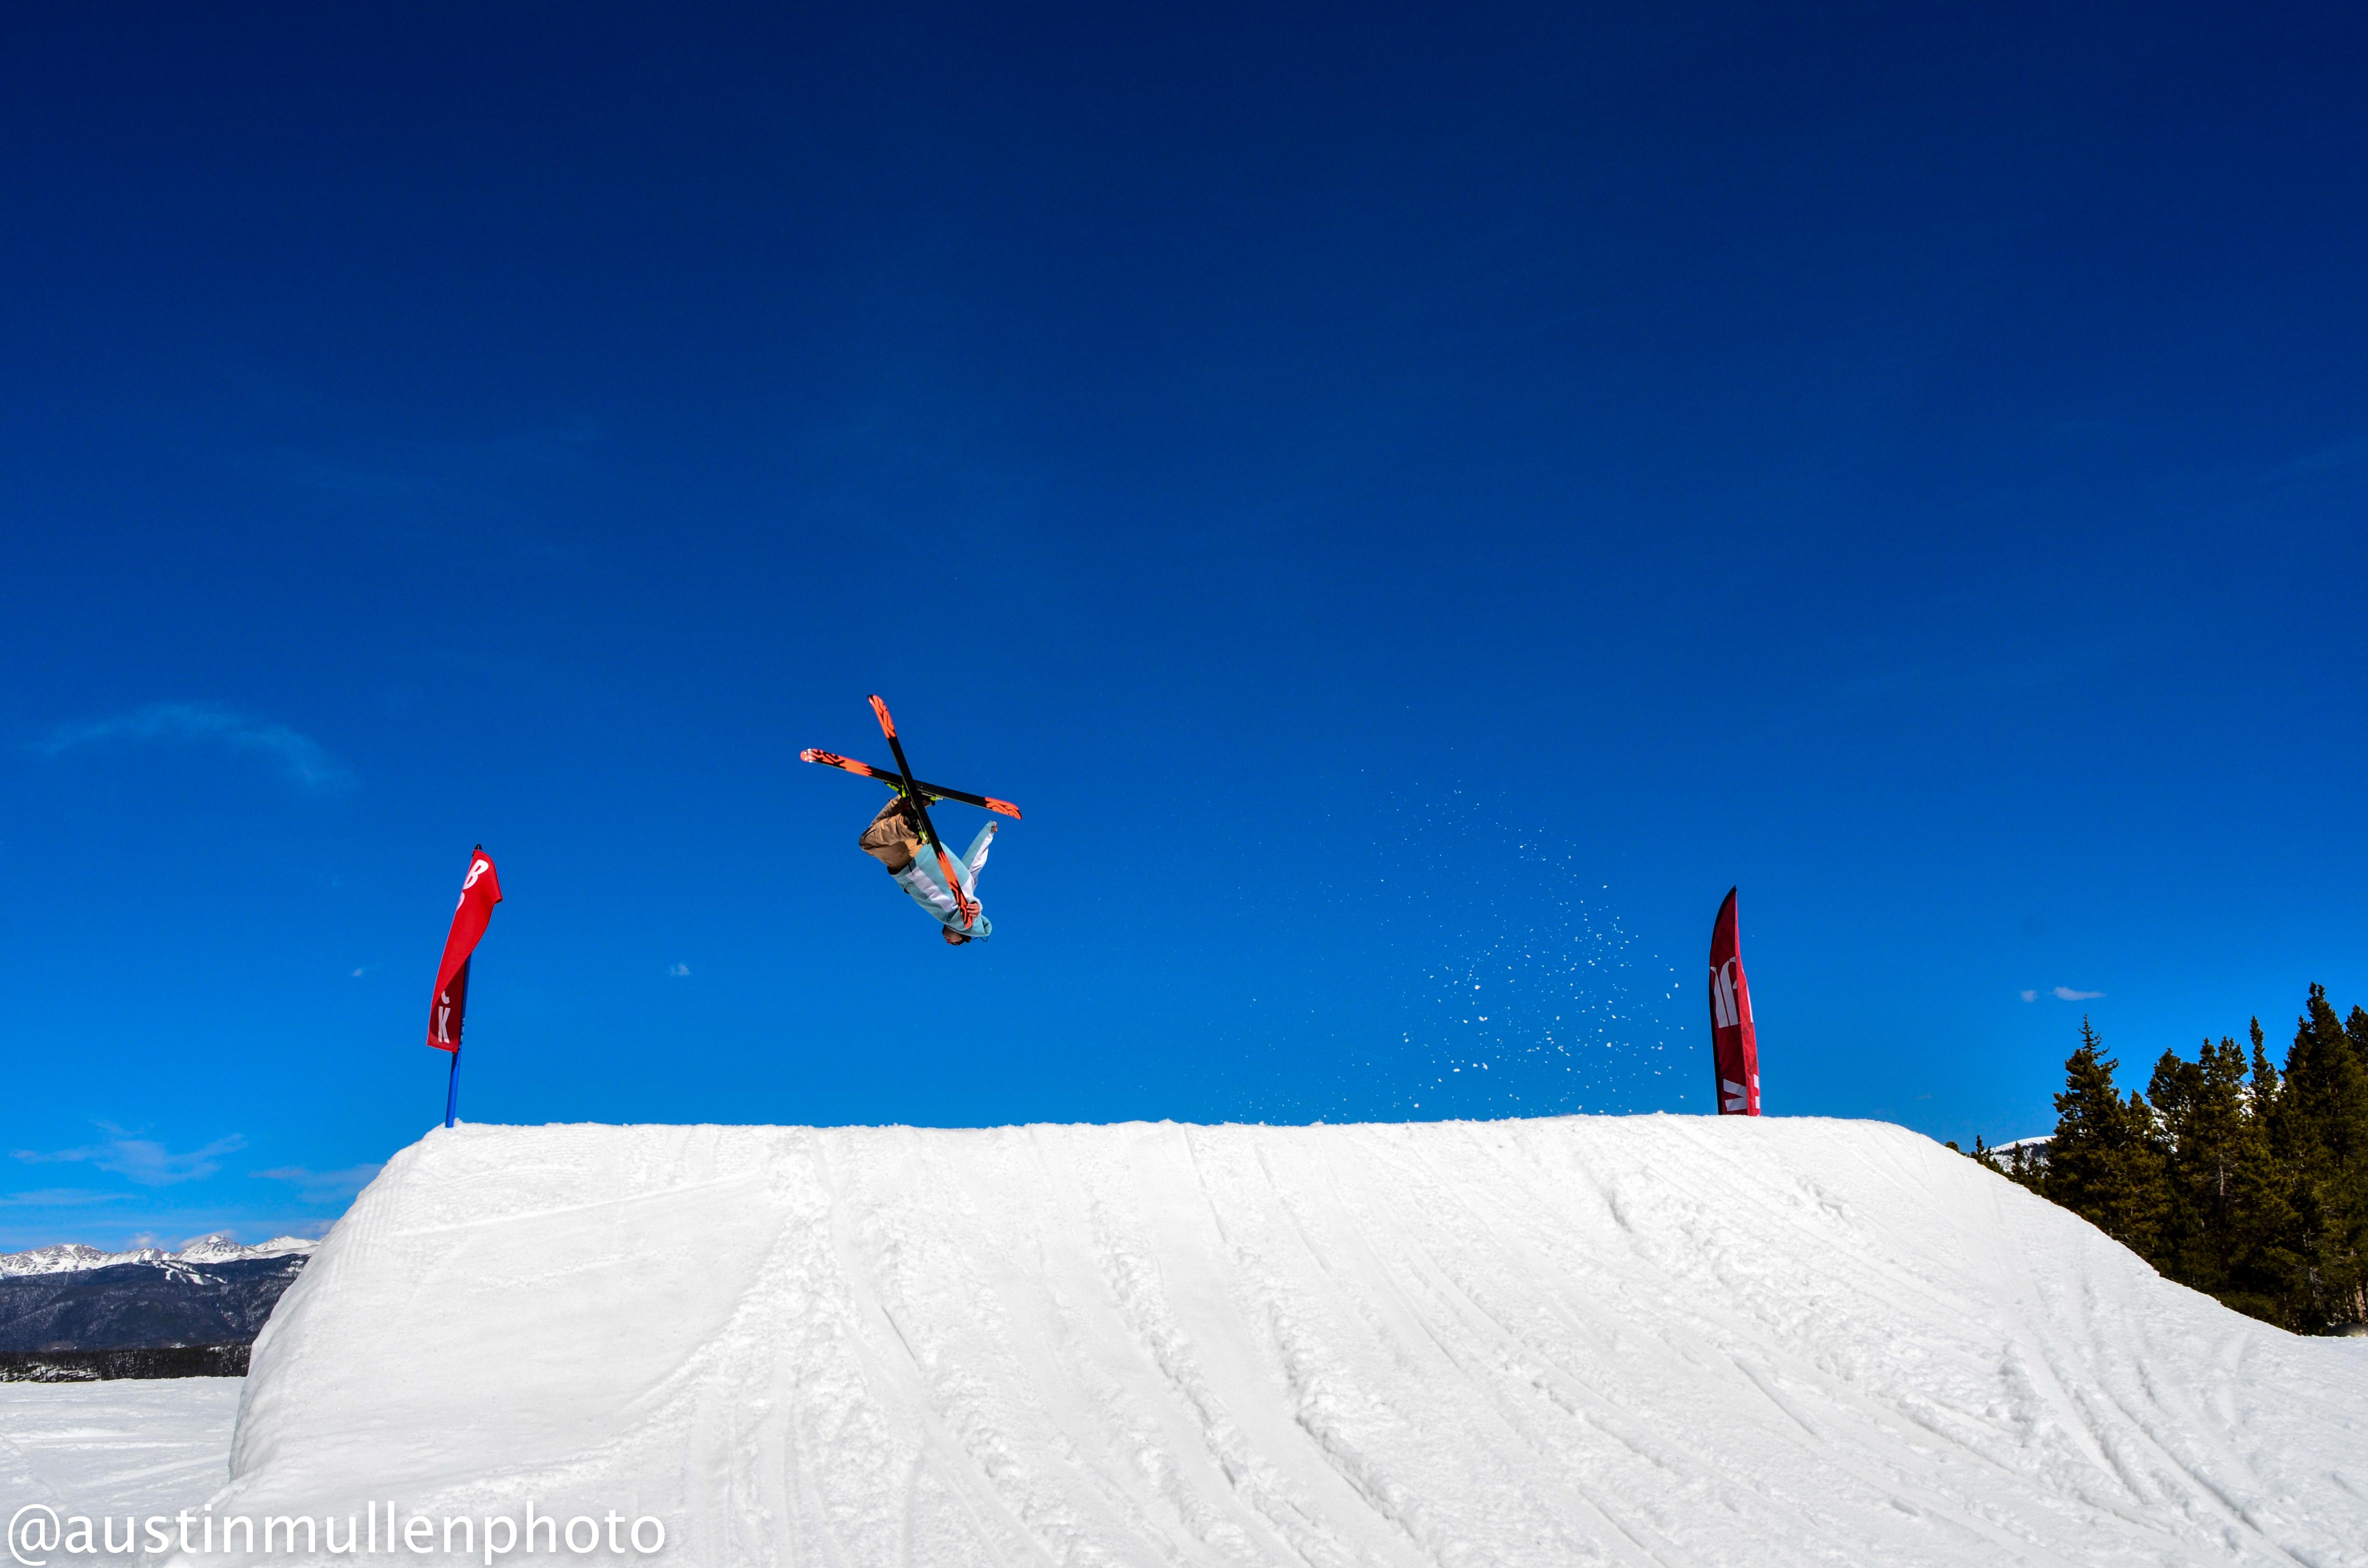 Josh Karcher Underflip 5